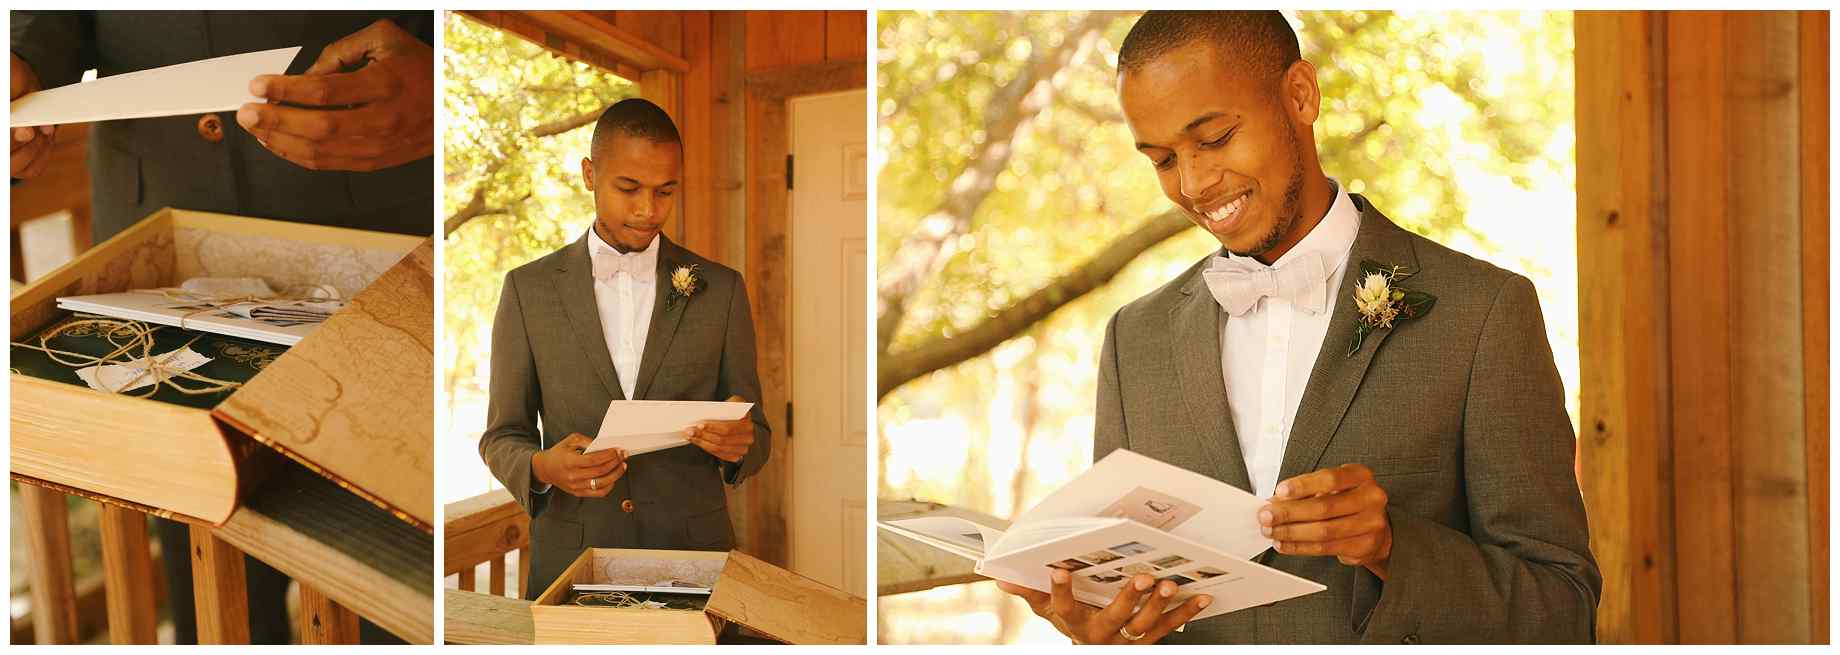 stone-oak-ranch-wedding-photos-09